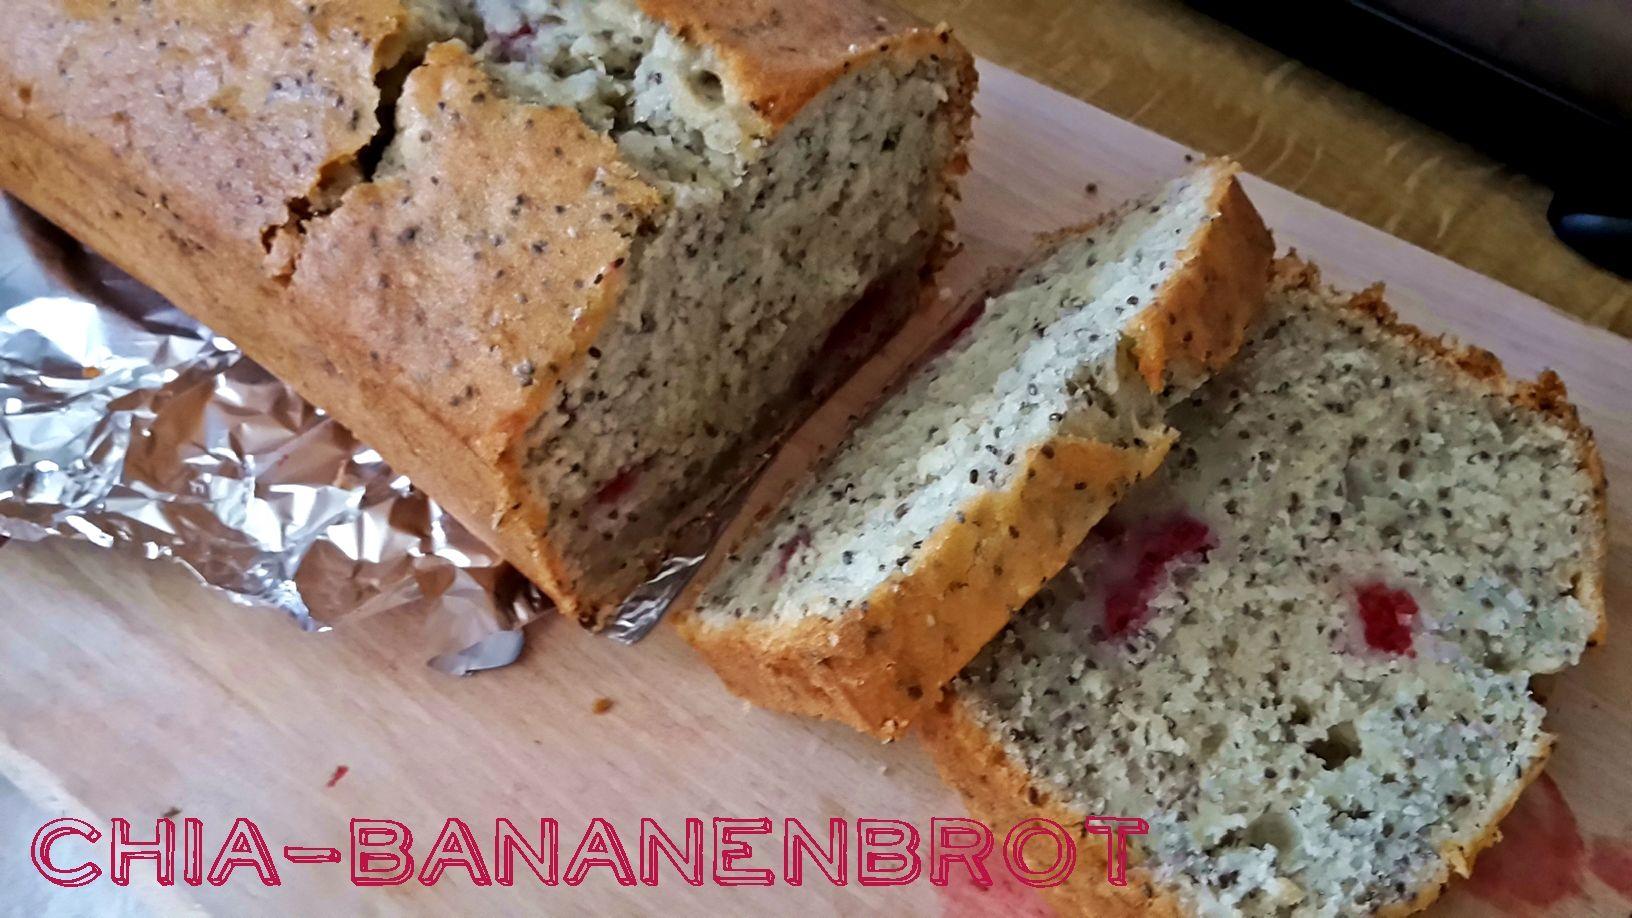 Chia-Bananenbrot mit Himbeeren www.cottoncraftsandcookies.de | My ...